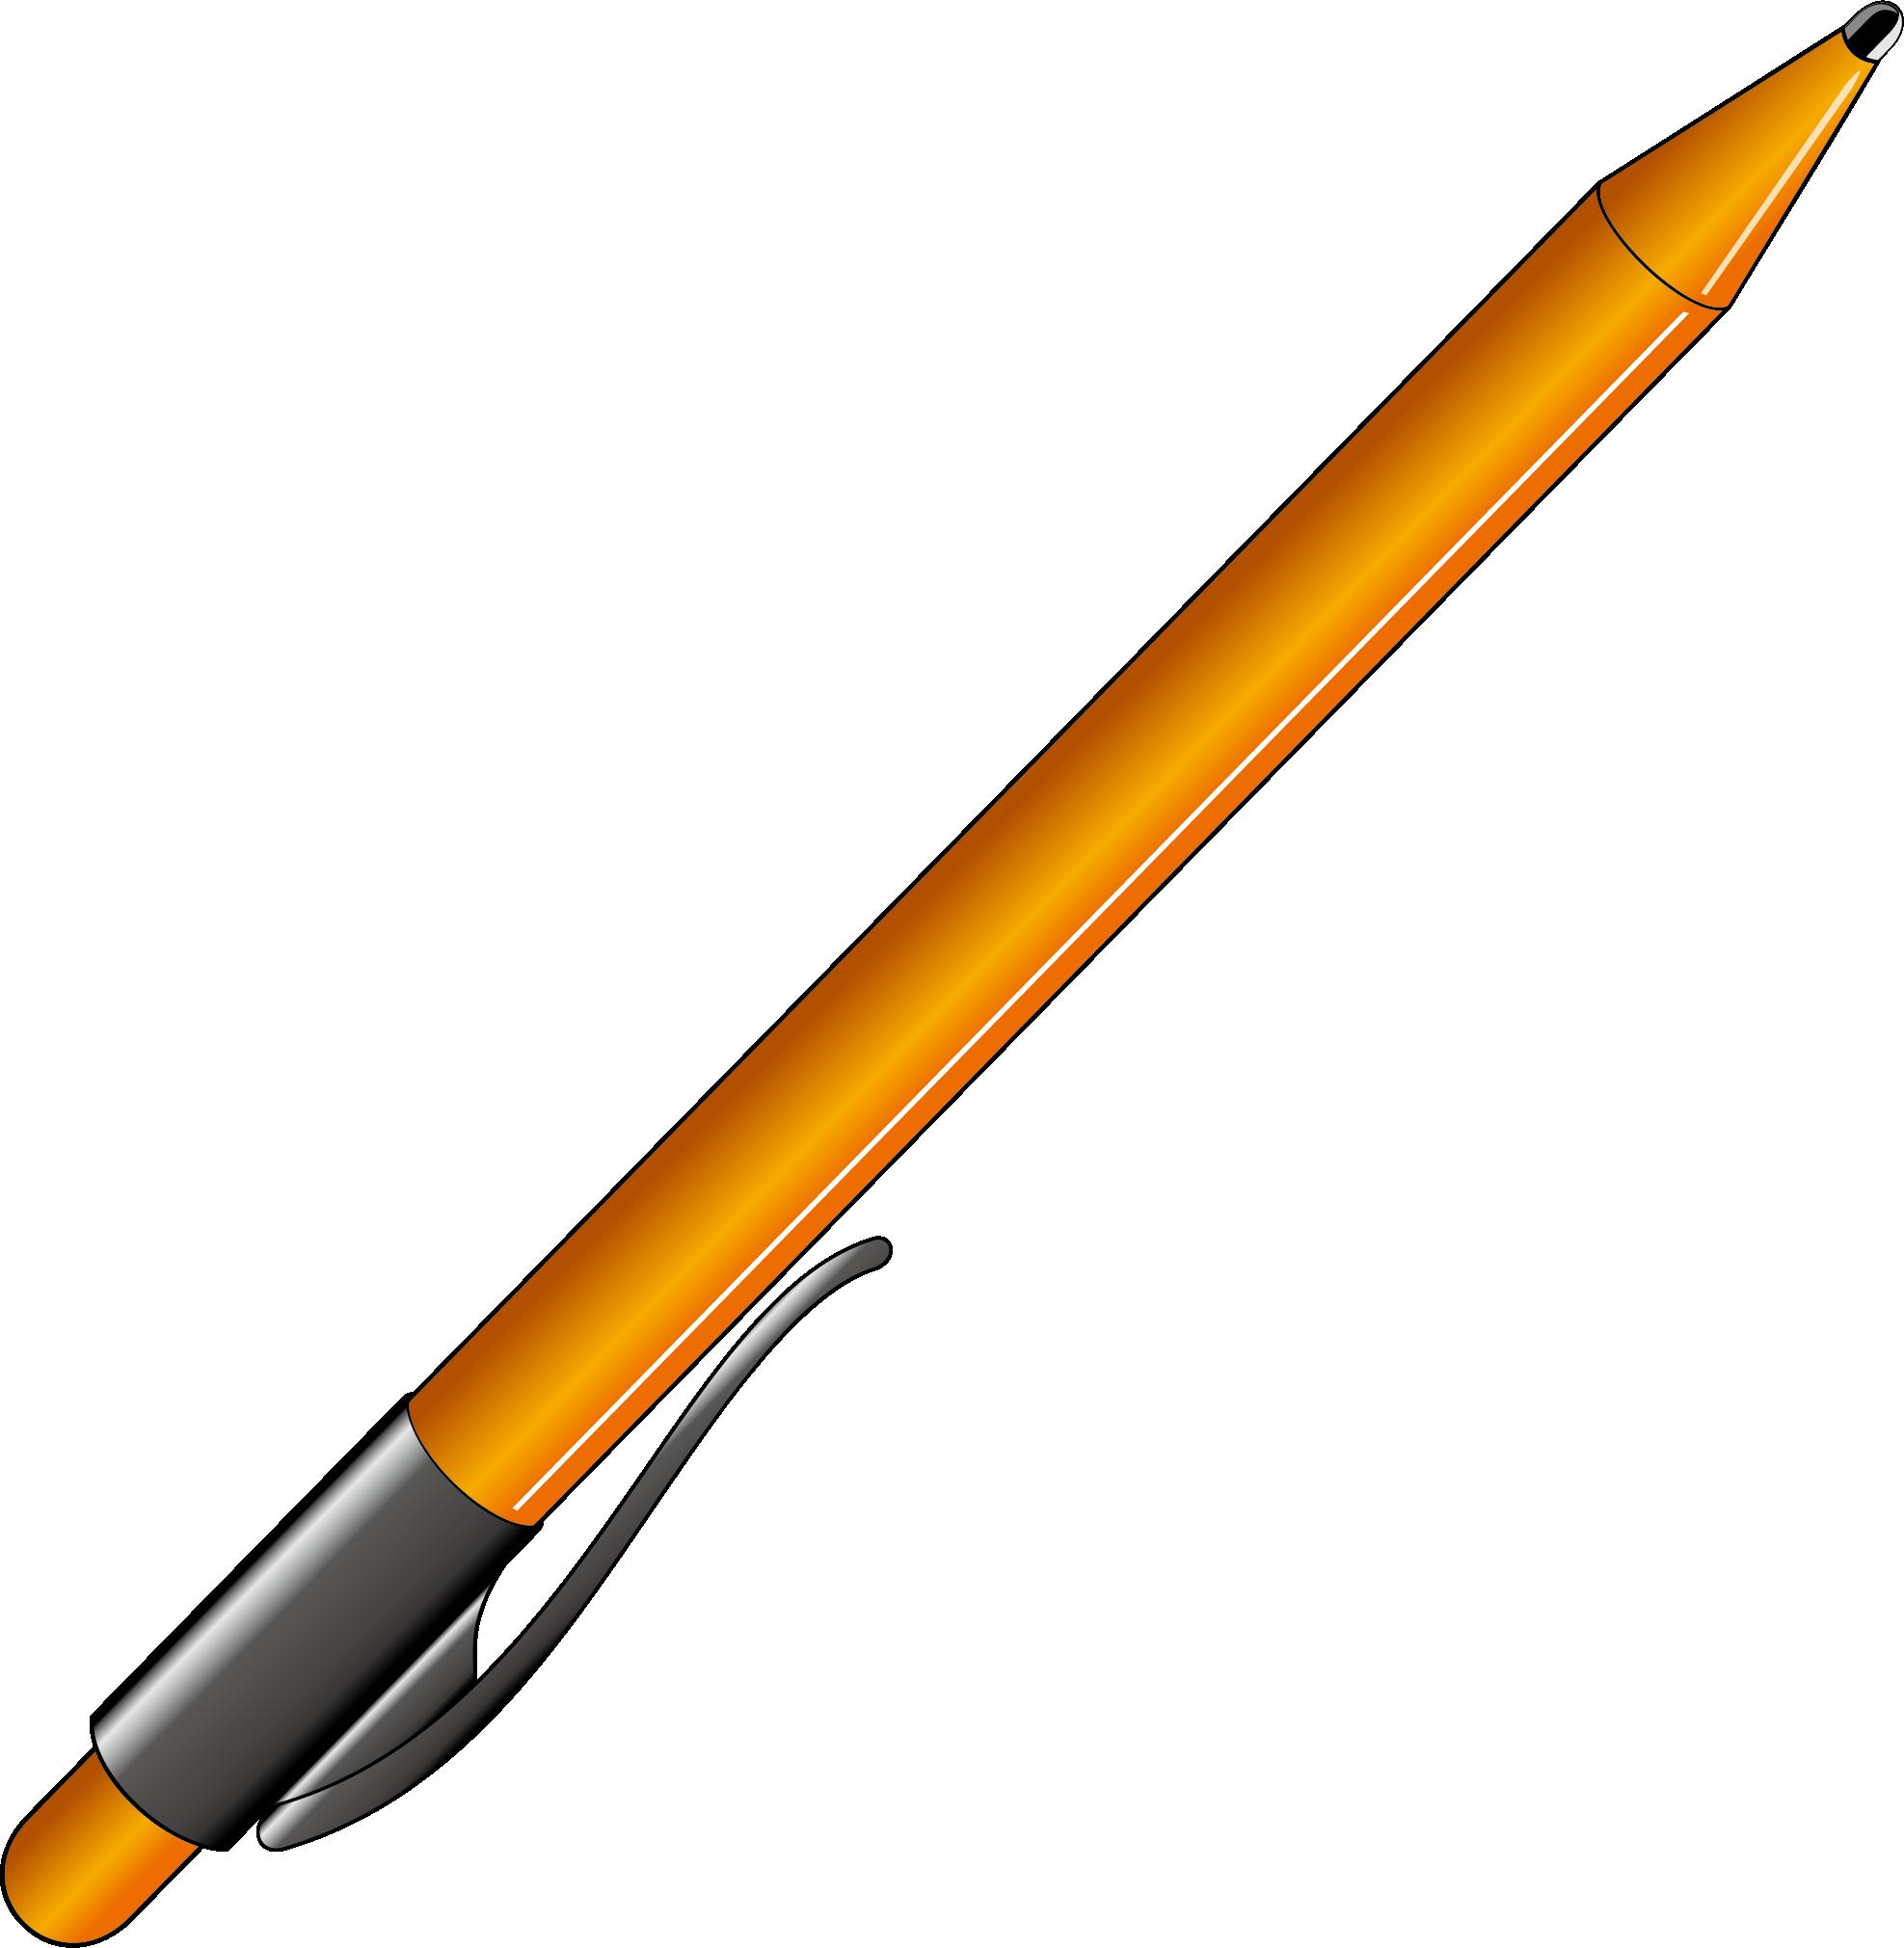 того, шариковая ручка картинка пнг мере